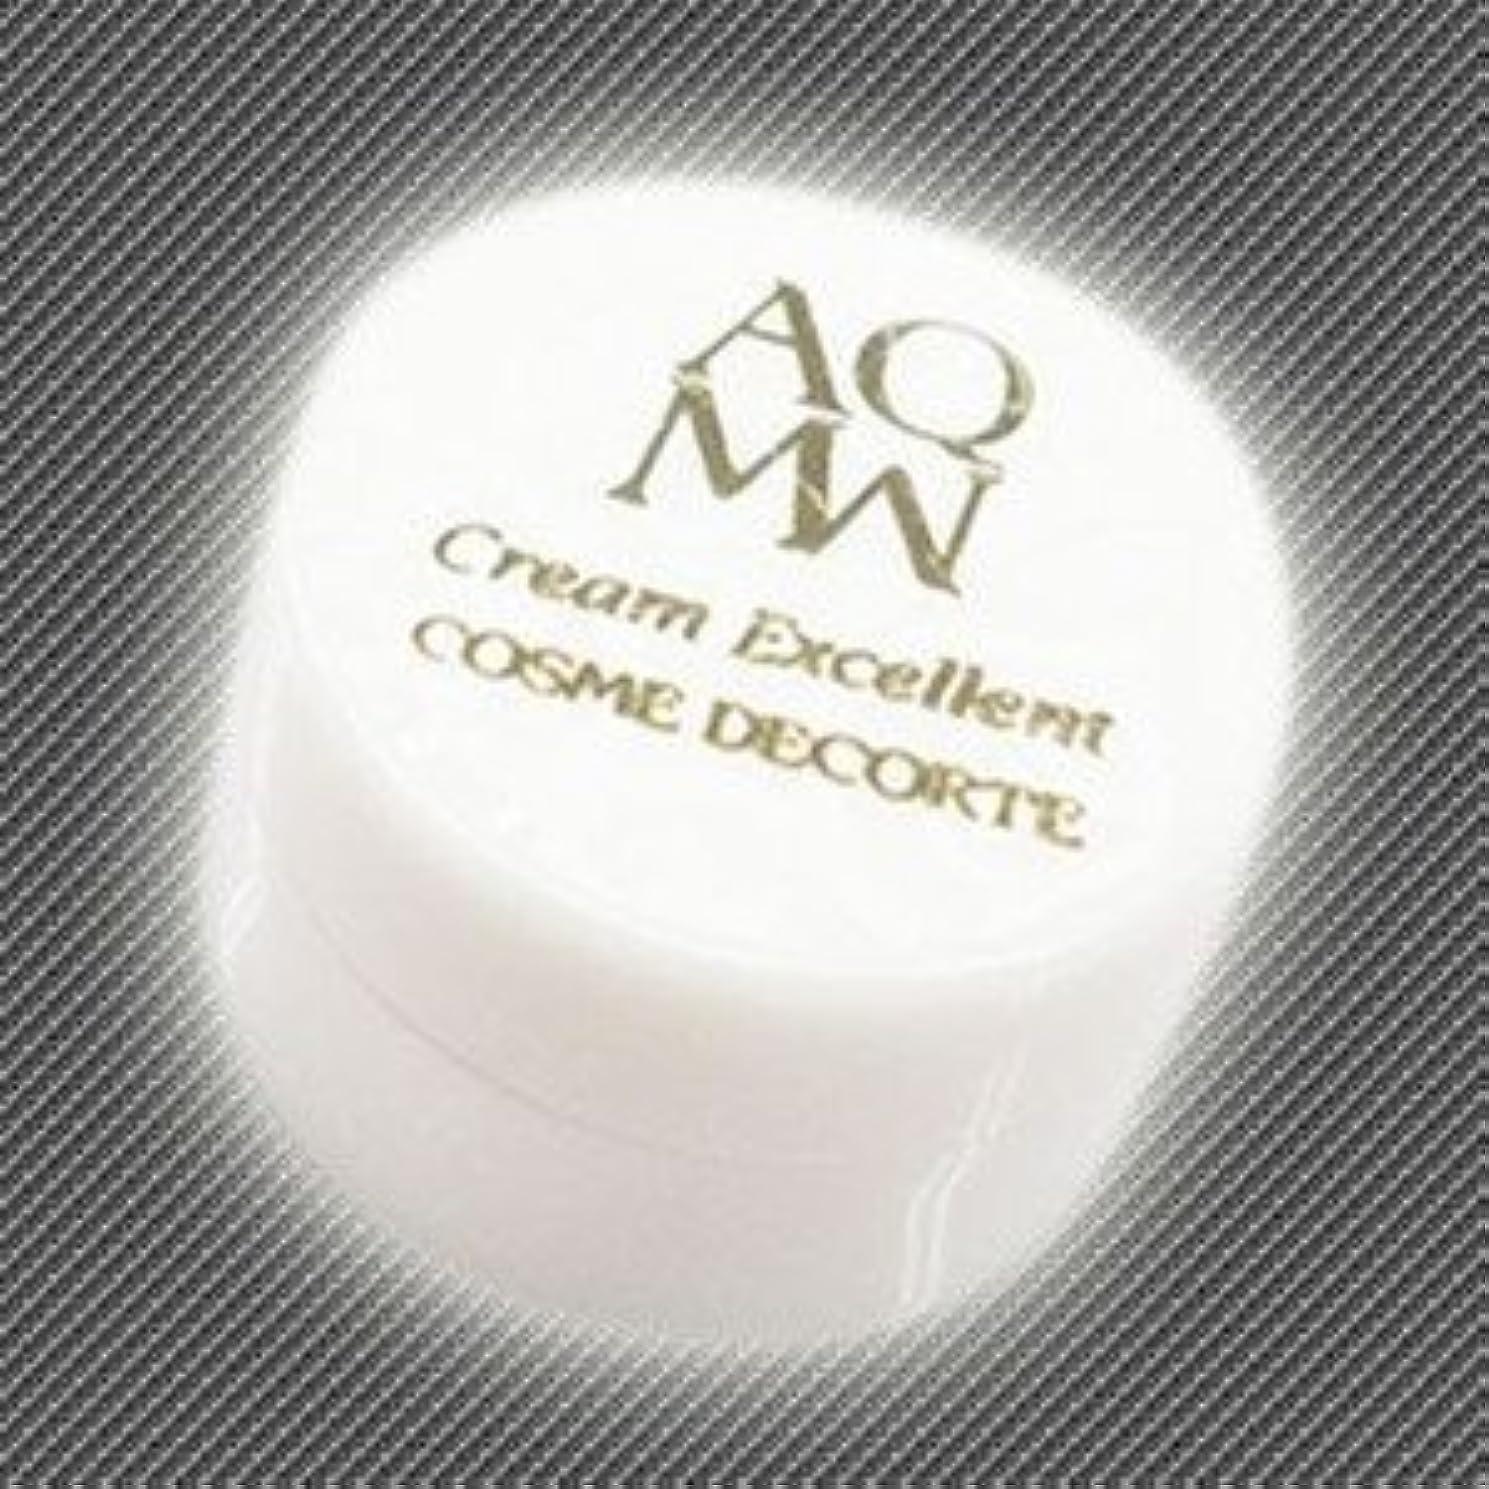 放射性ドレインに頼るコスメデコルテ AQ MW クリームエクセレント 2.4ml(ミニ)